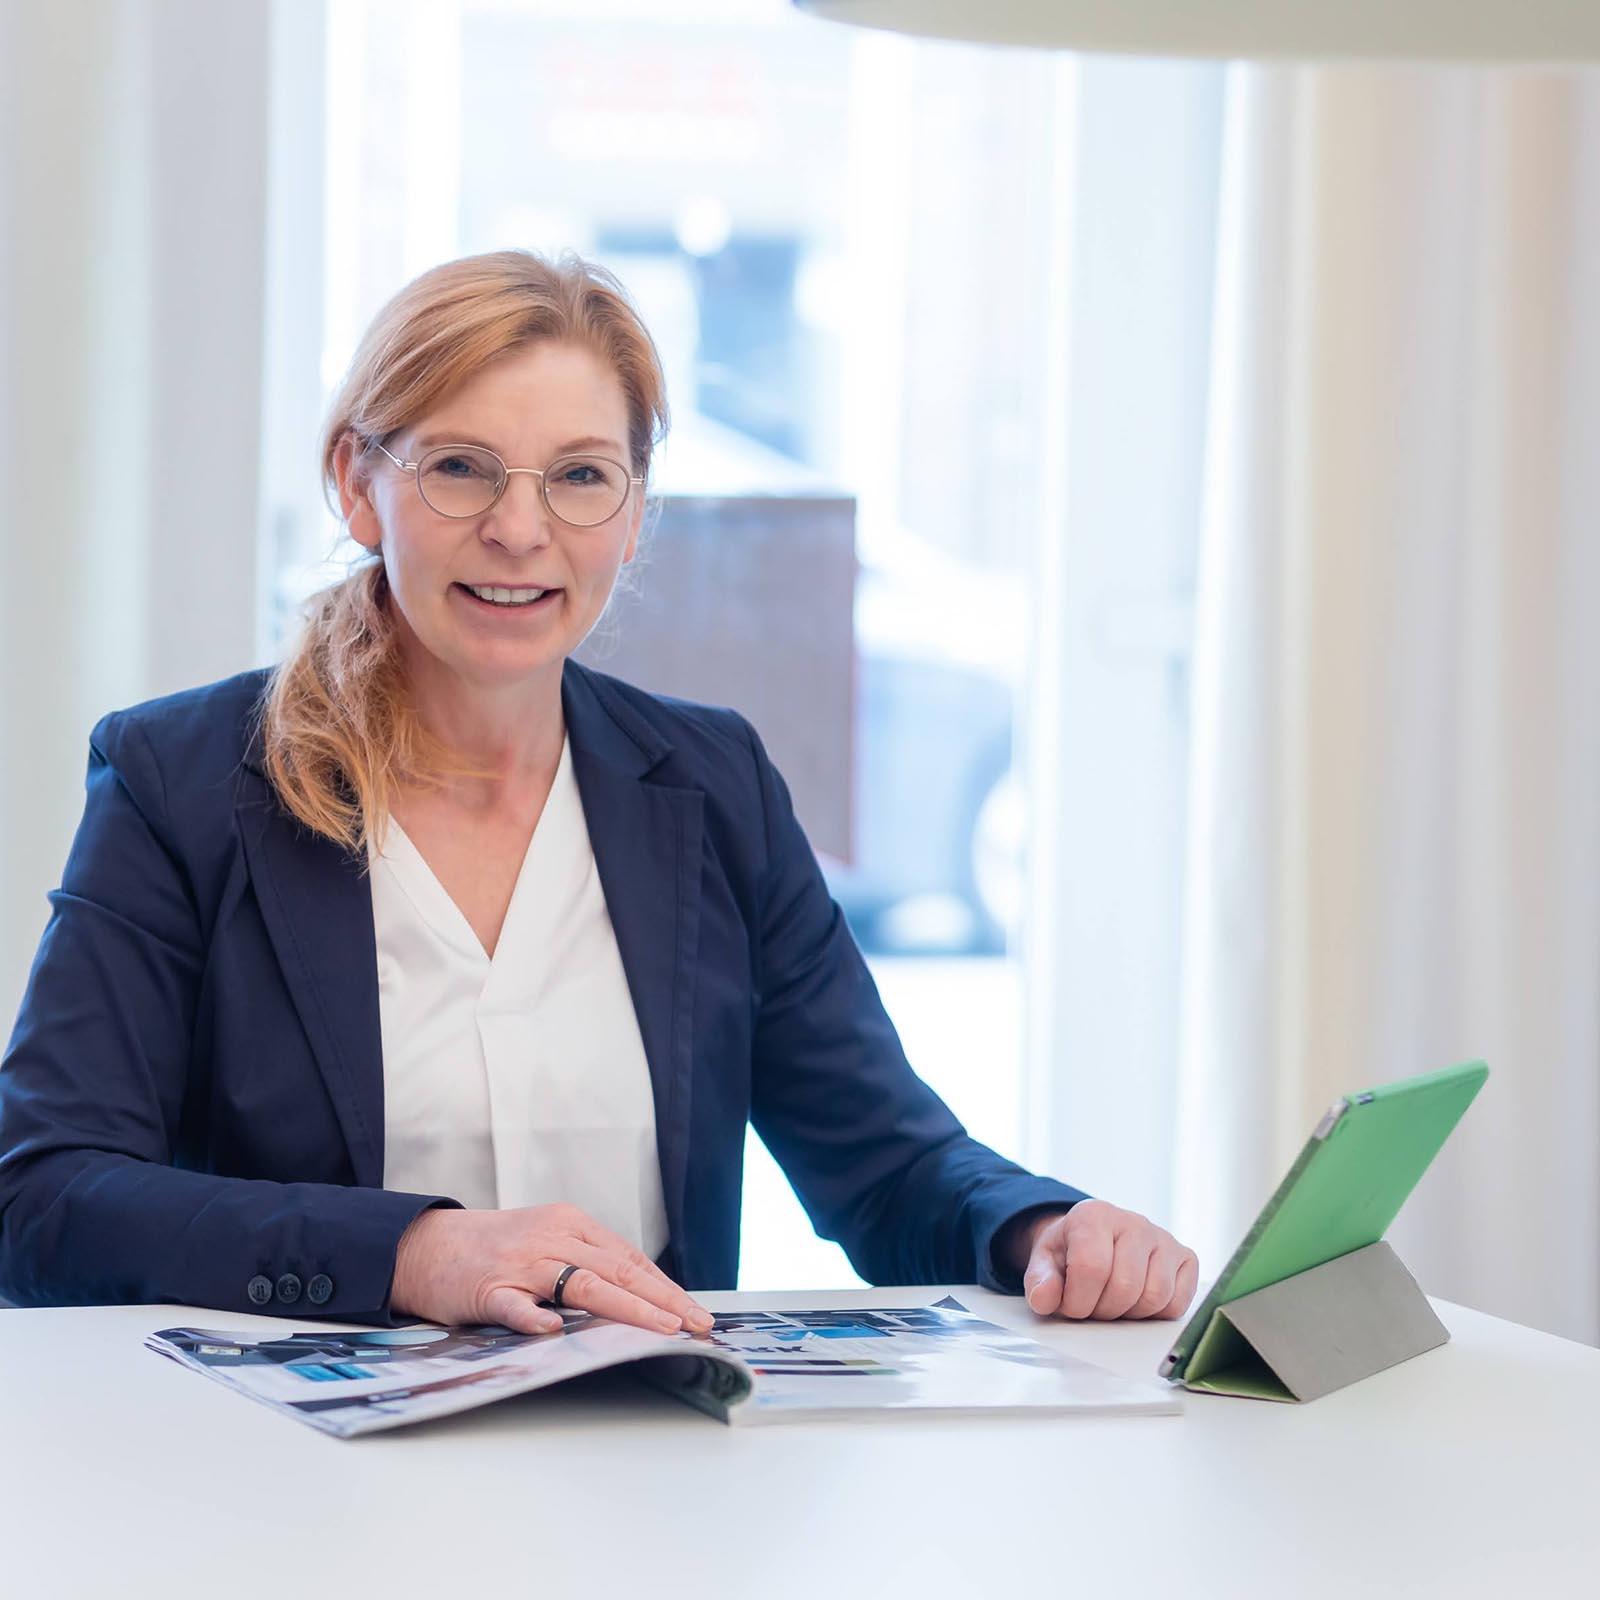 wermke bürokonzepte | Katrin Wermke